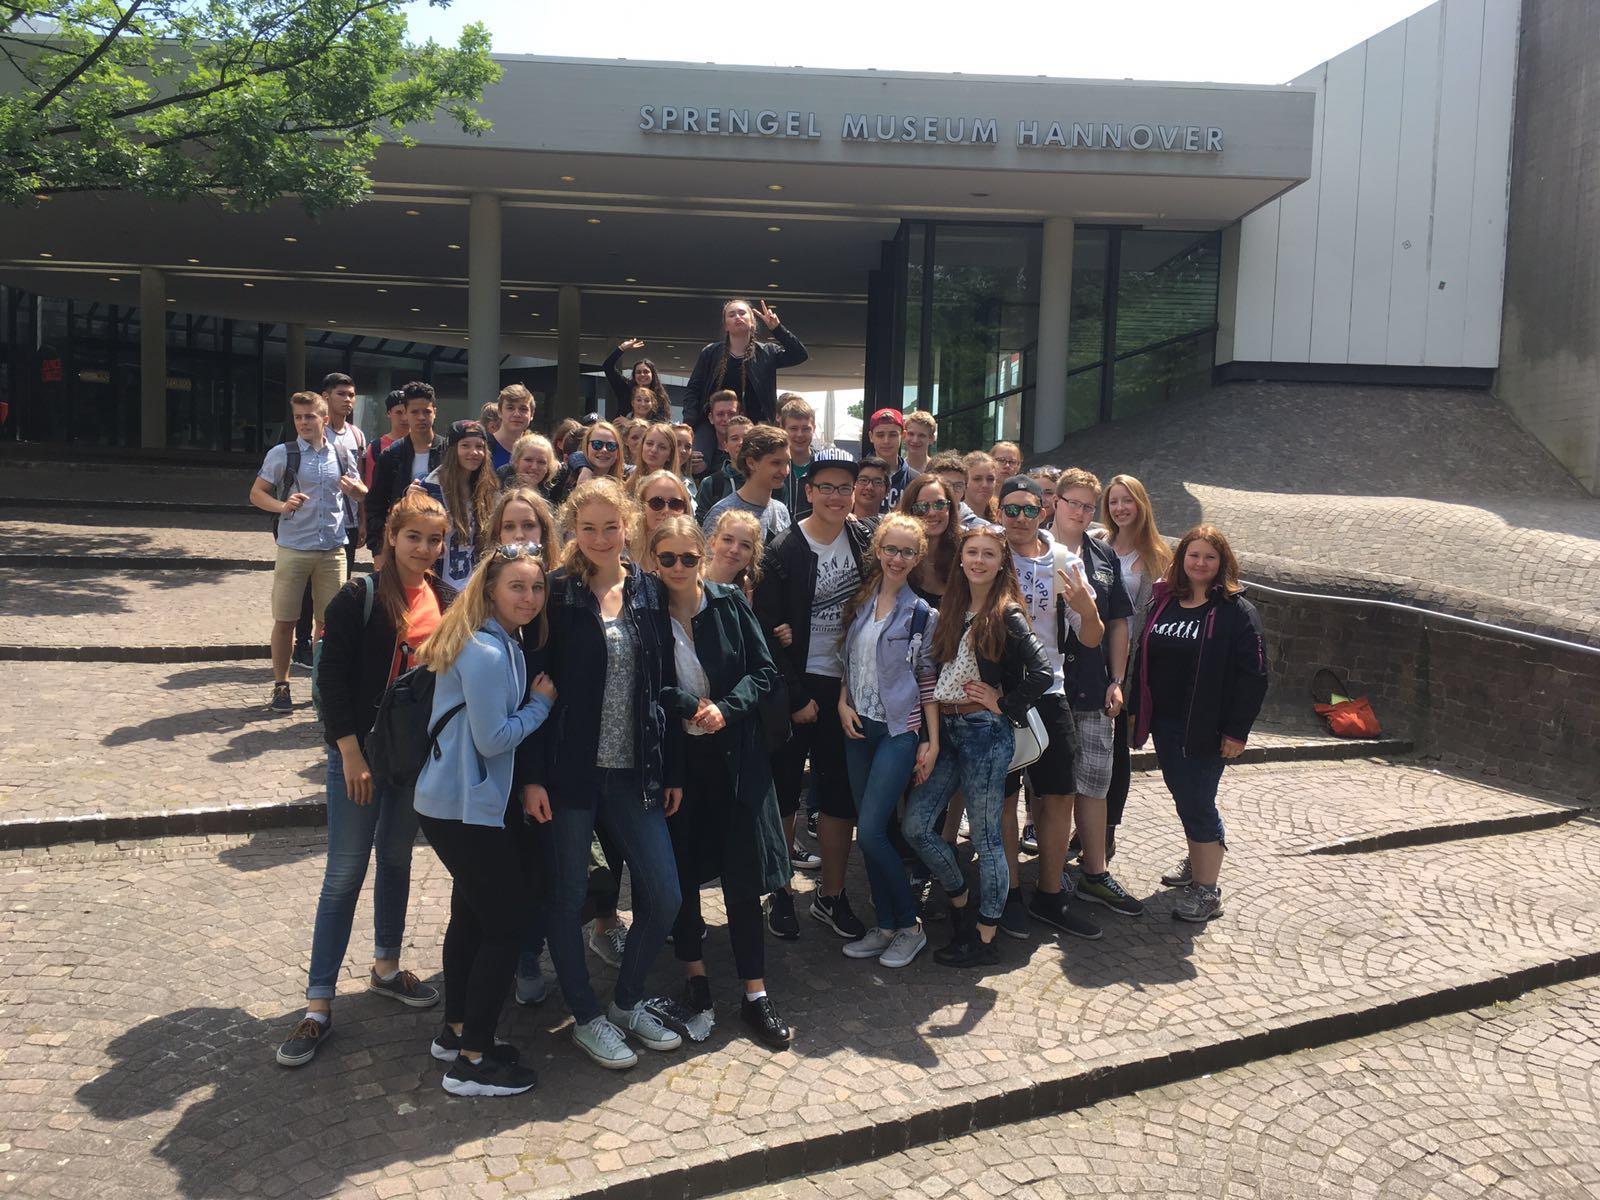 Exkursion in das Sprengel-Museum in Hannvover